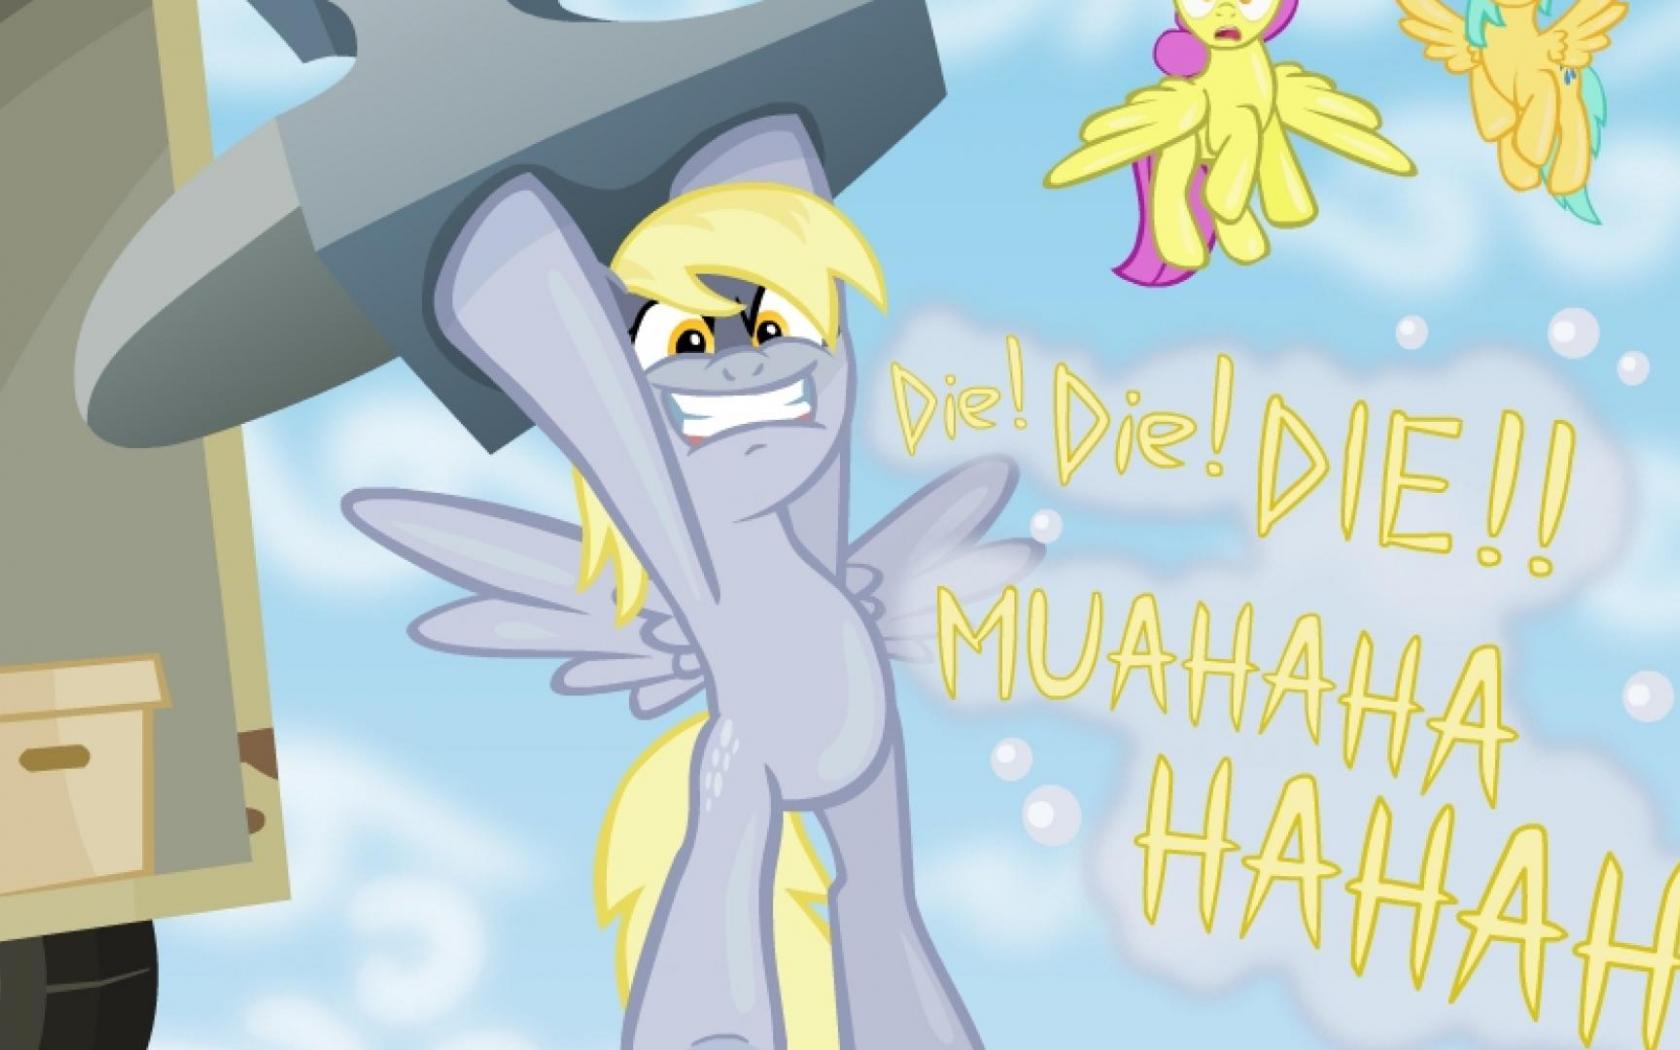 Free Download My Little Pony Derpy Hooves Hd Wallpaper